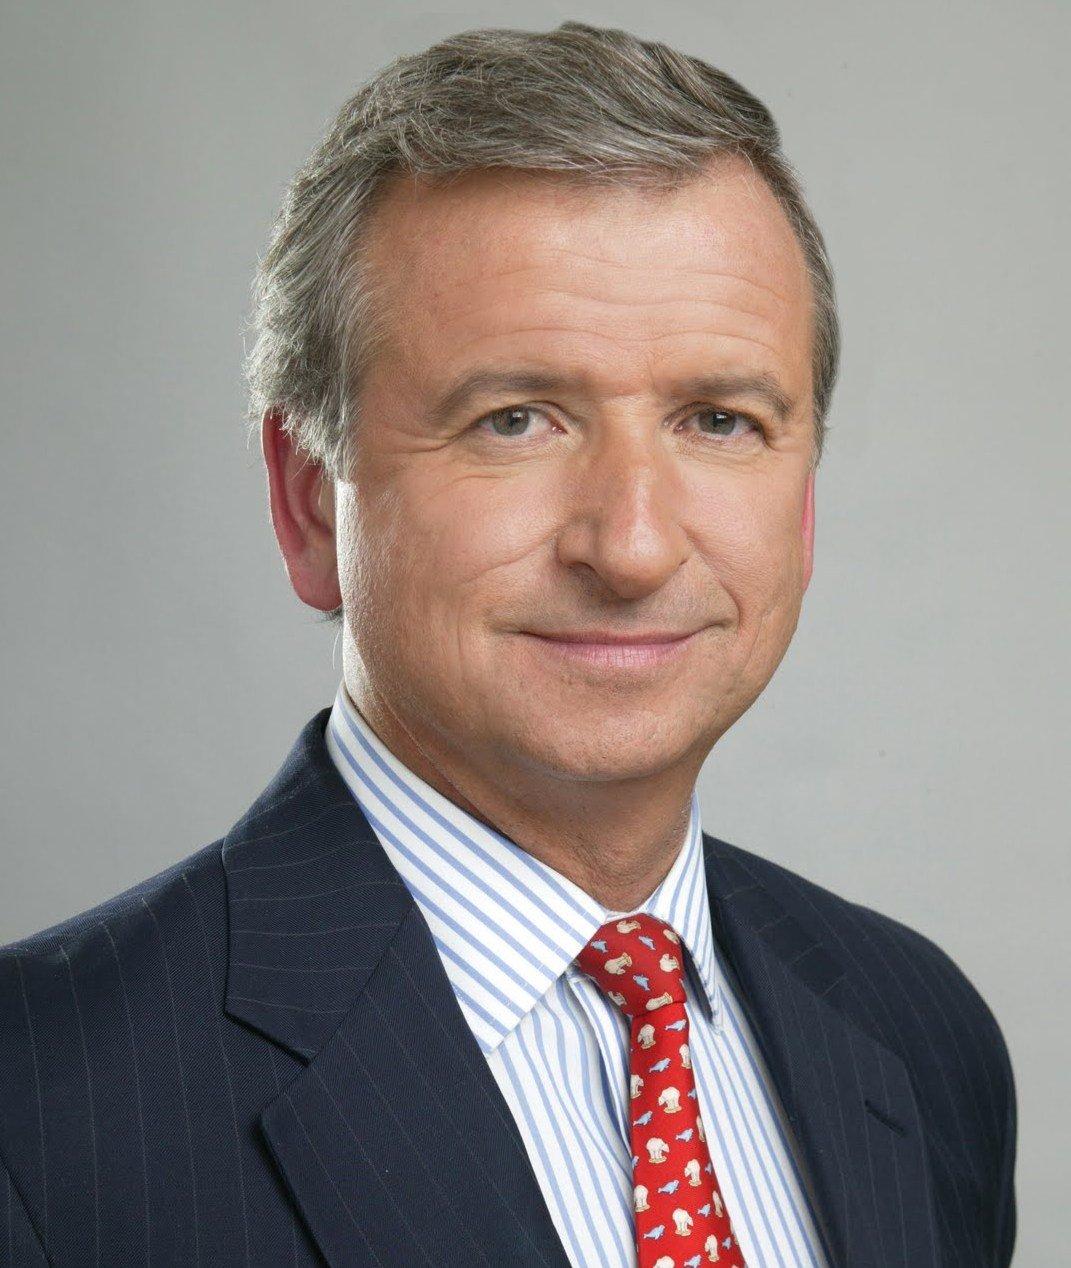 Felipe Larrain Bascunan Speaker